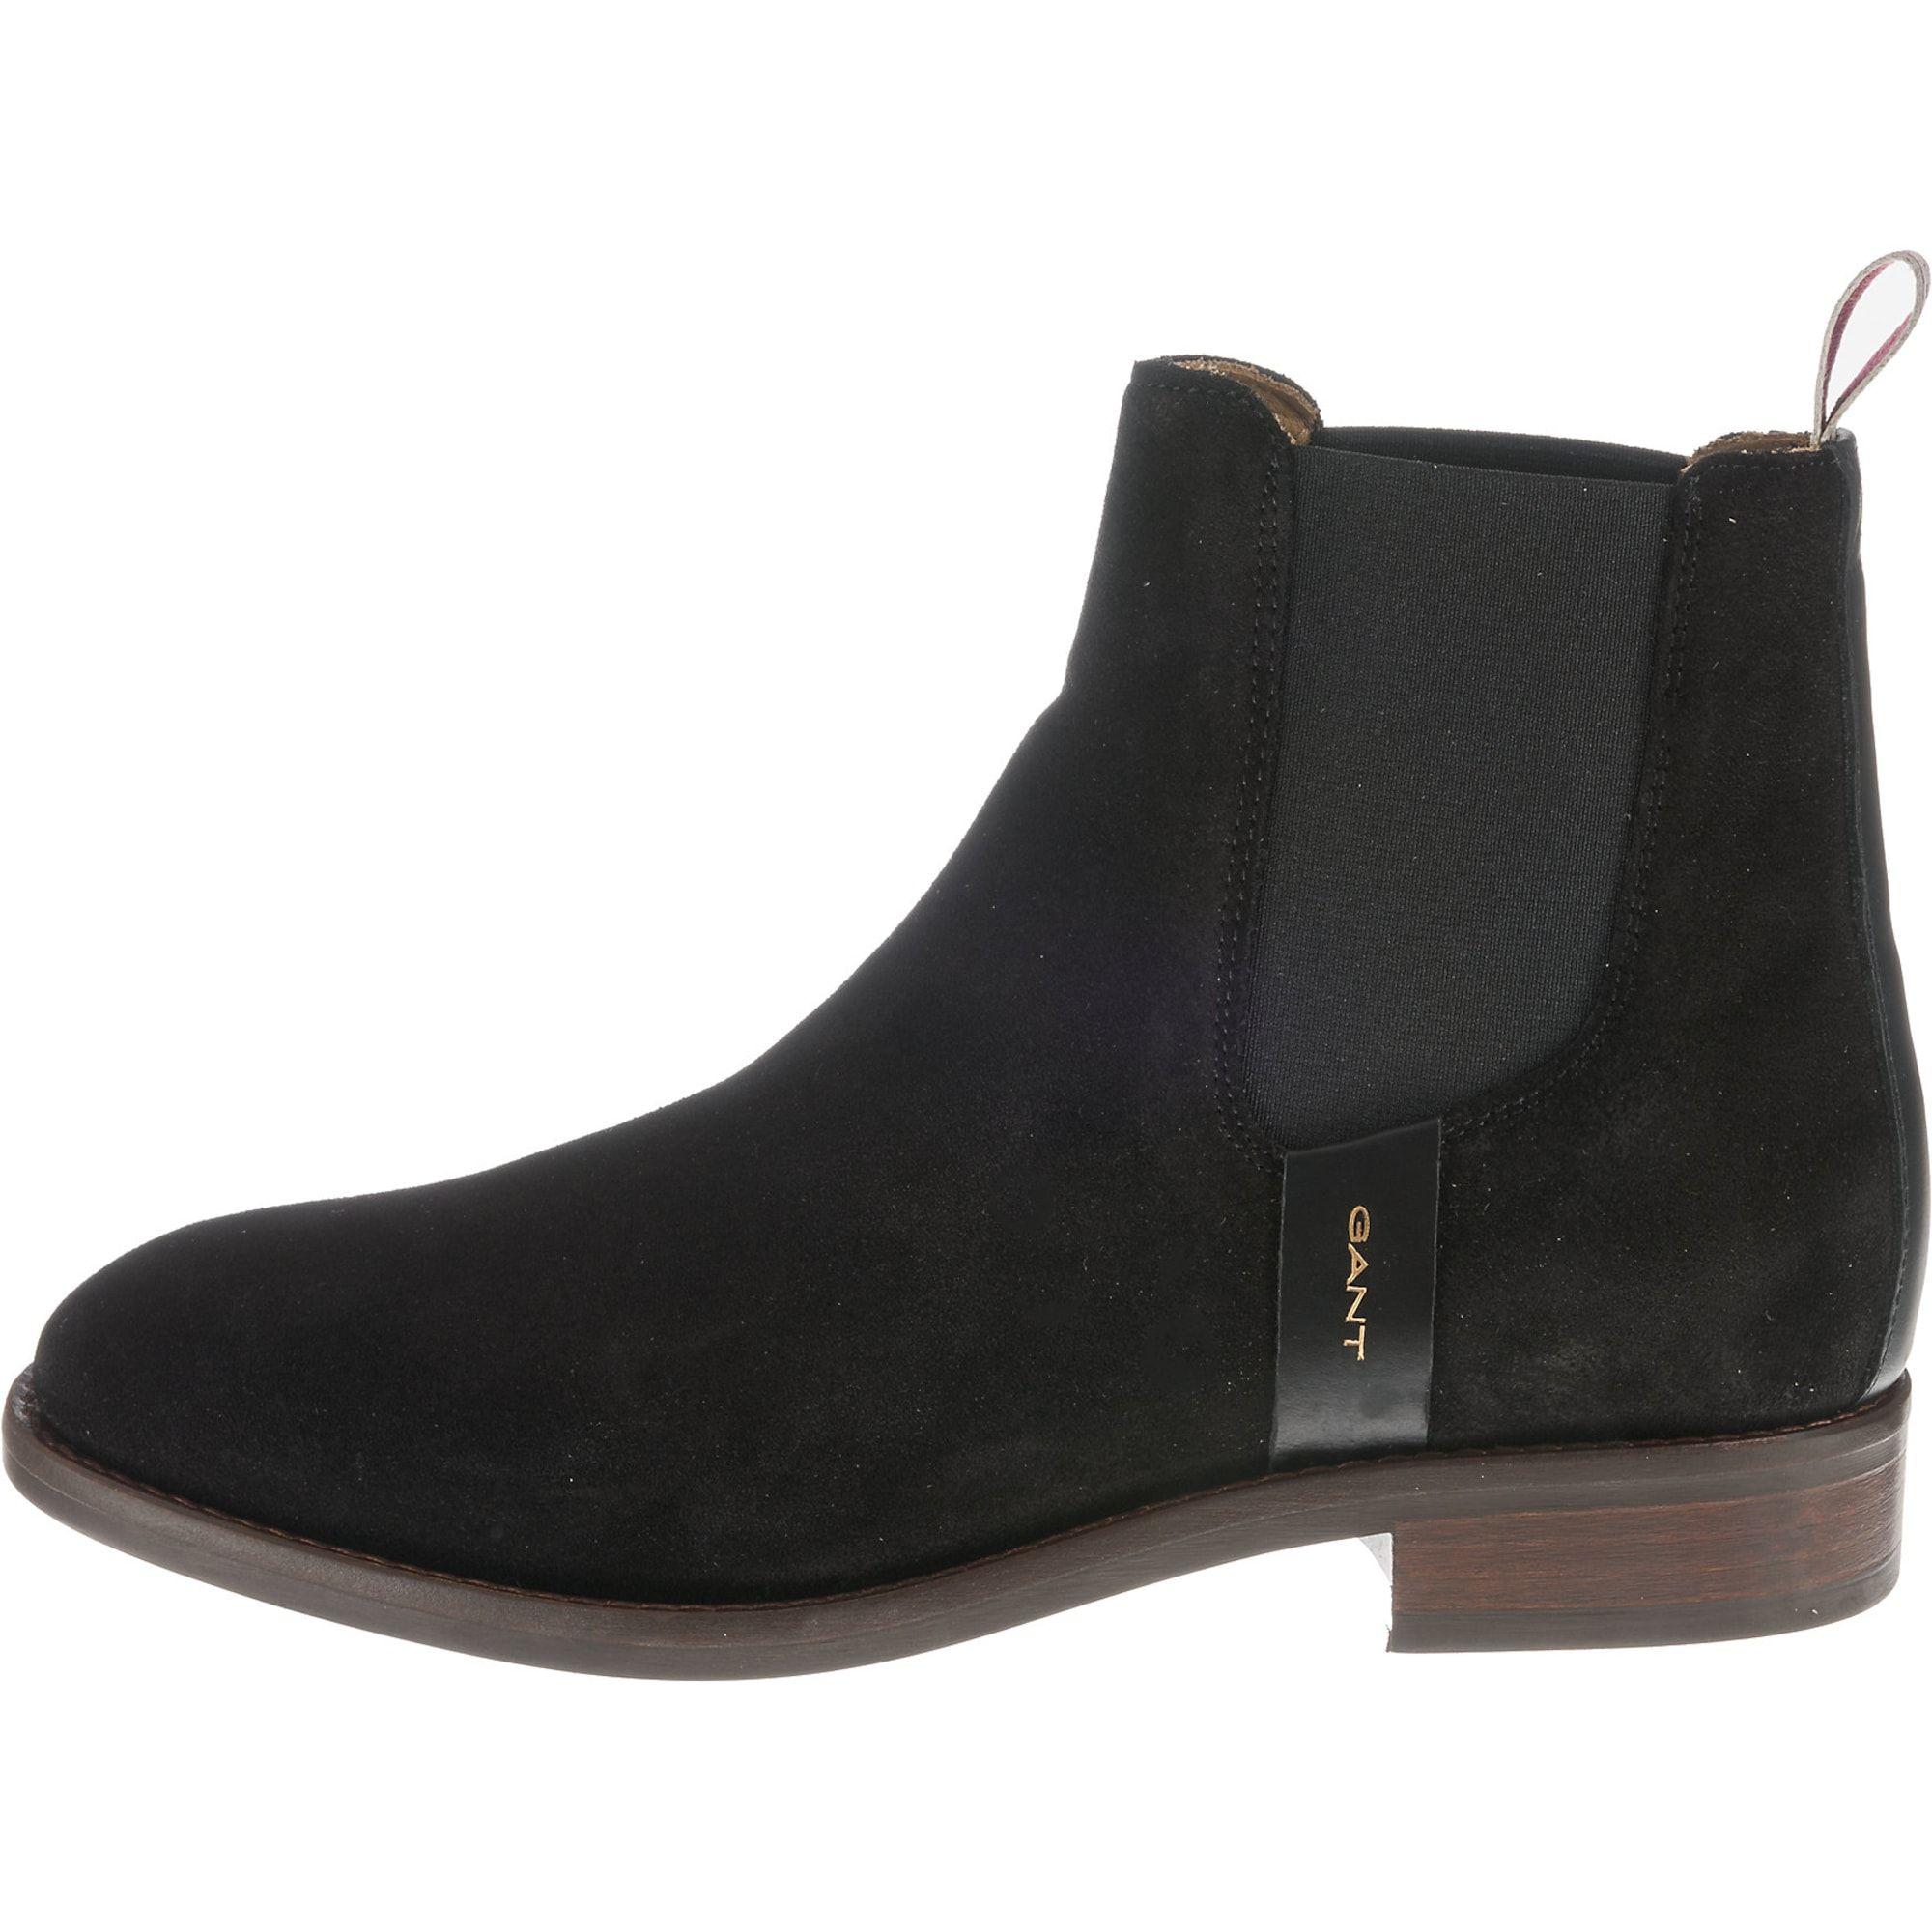 GANT Chelsea Boots 'Fay ' Damen, Schwarz, Größe 42 | Stiefel